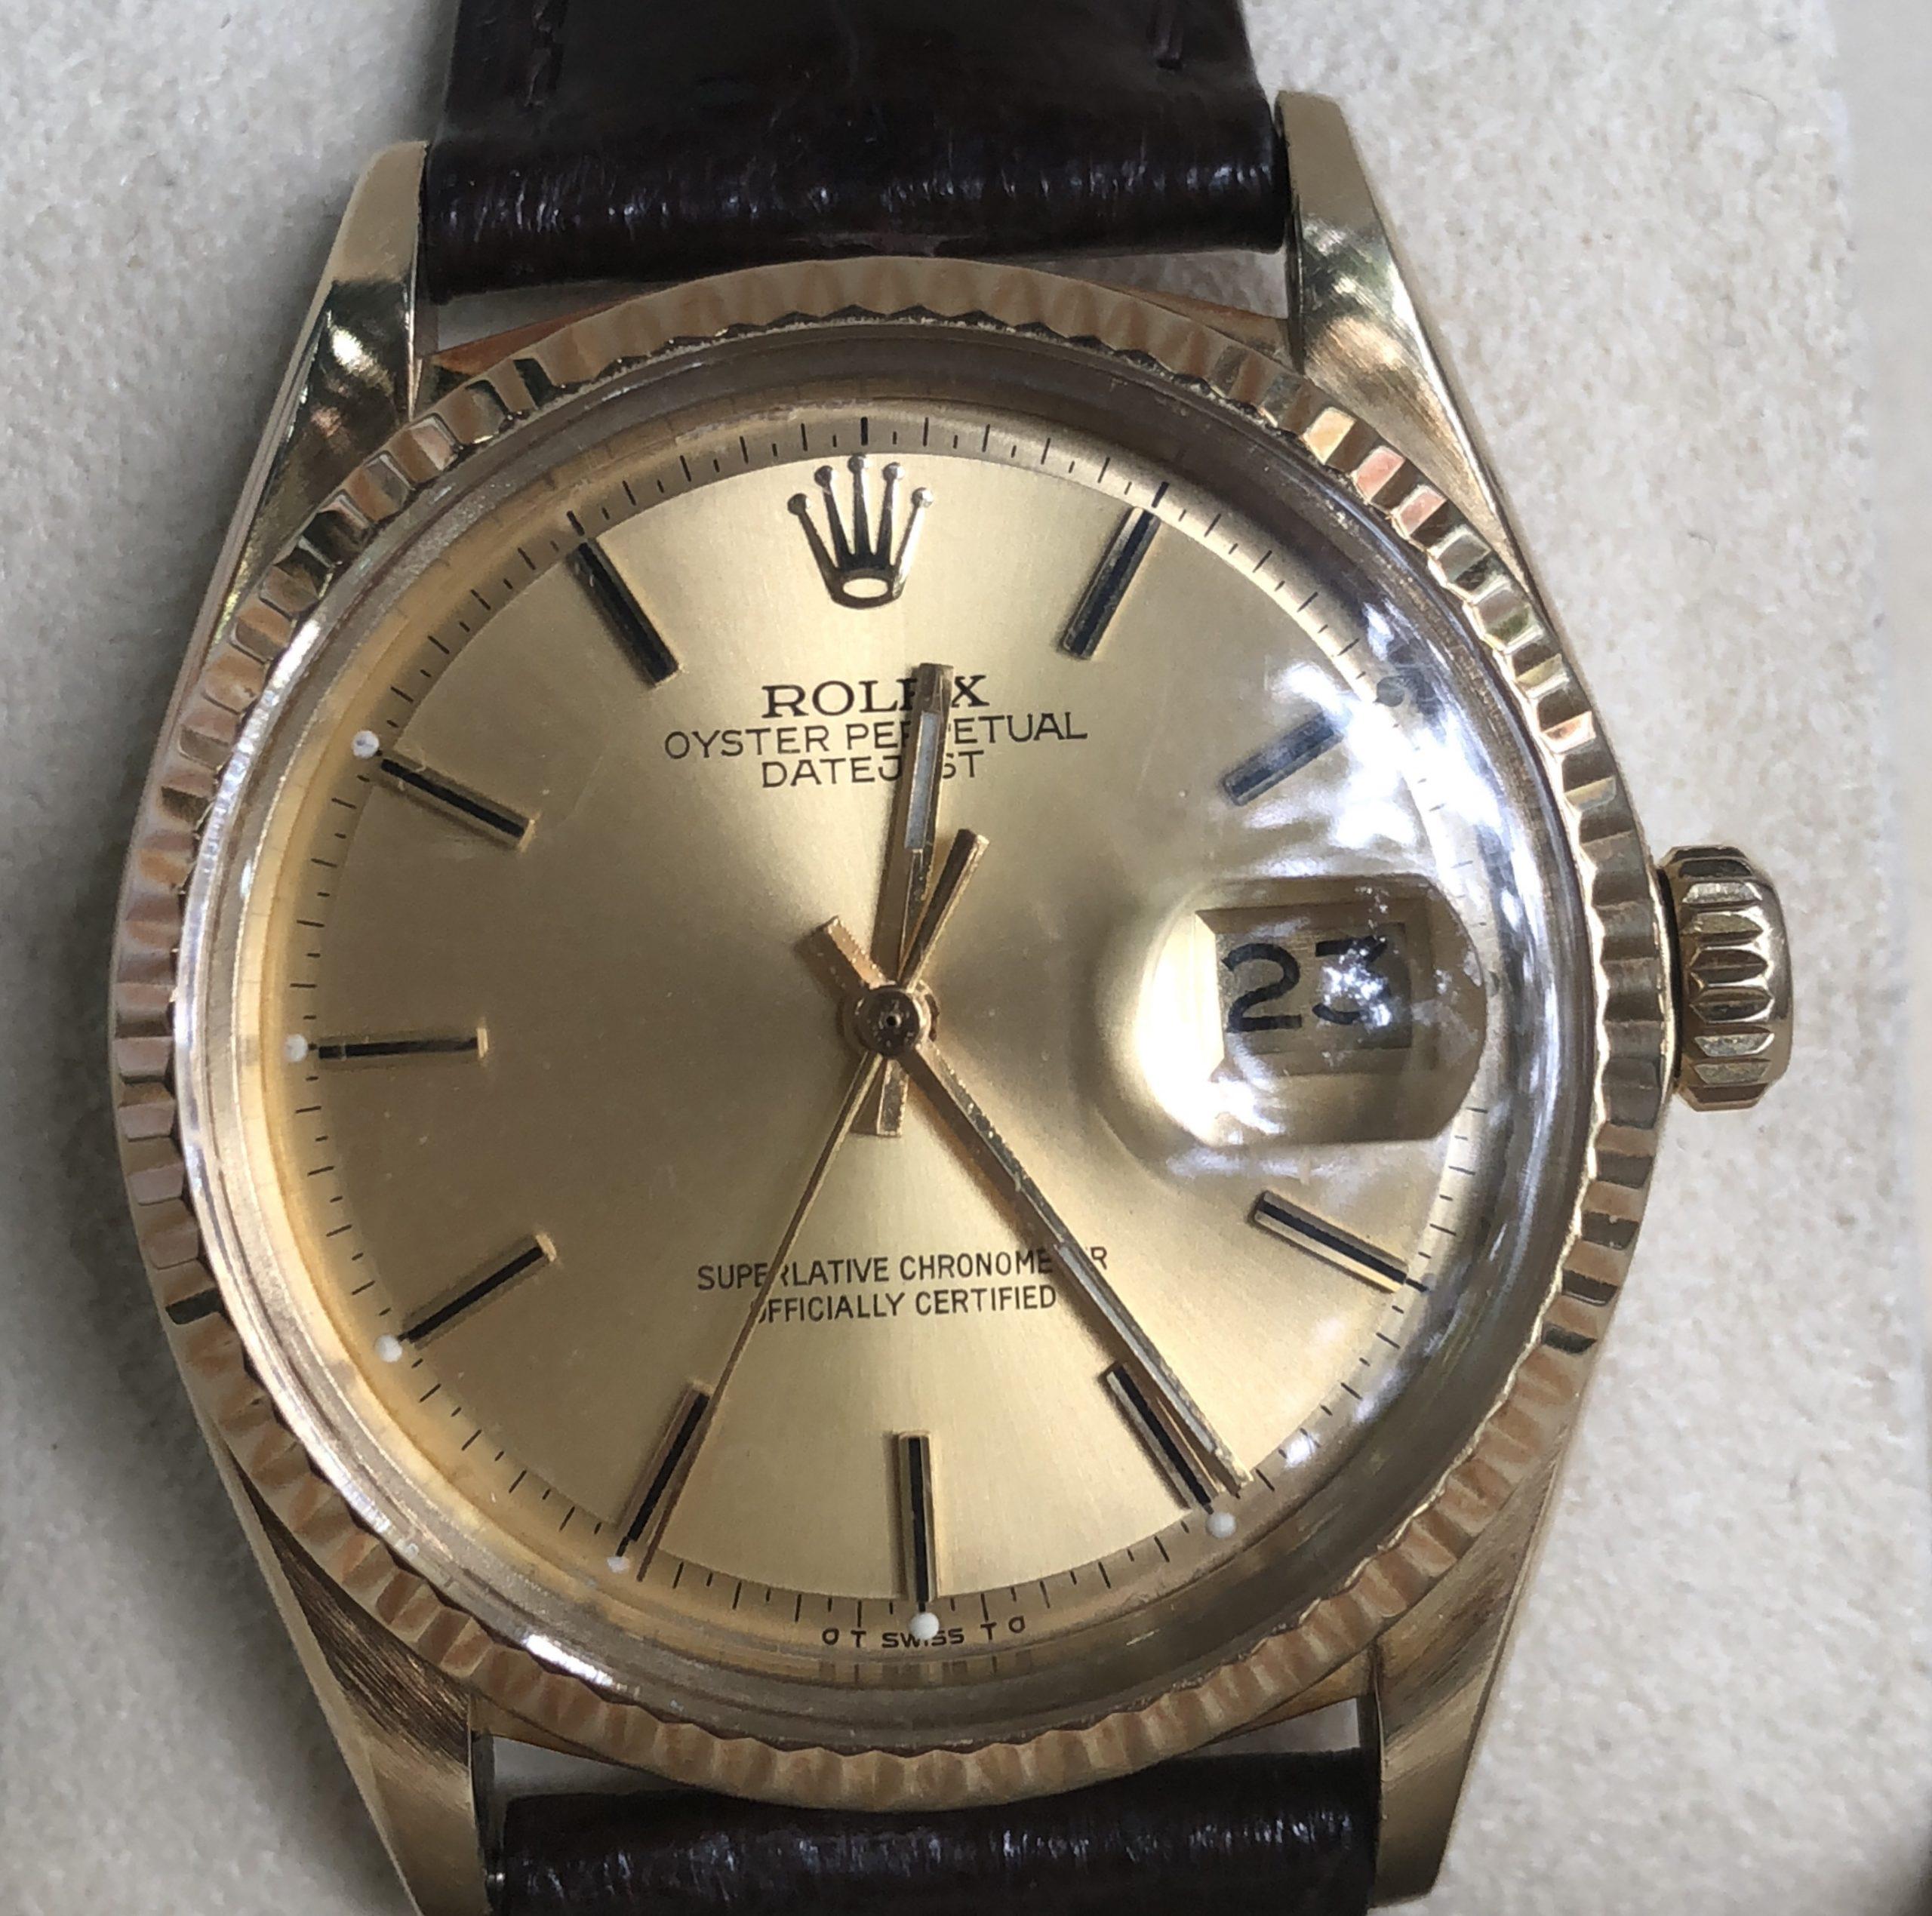 Rolex 1601 mặt tia vàng khối 18k sản xuất năm 1978